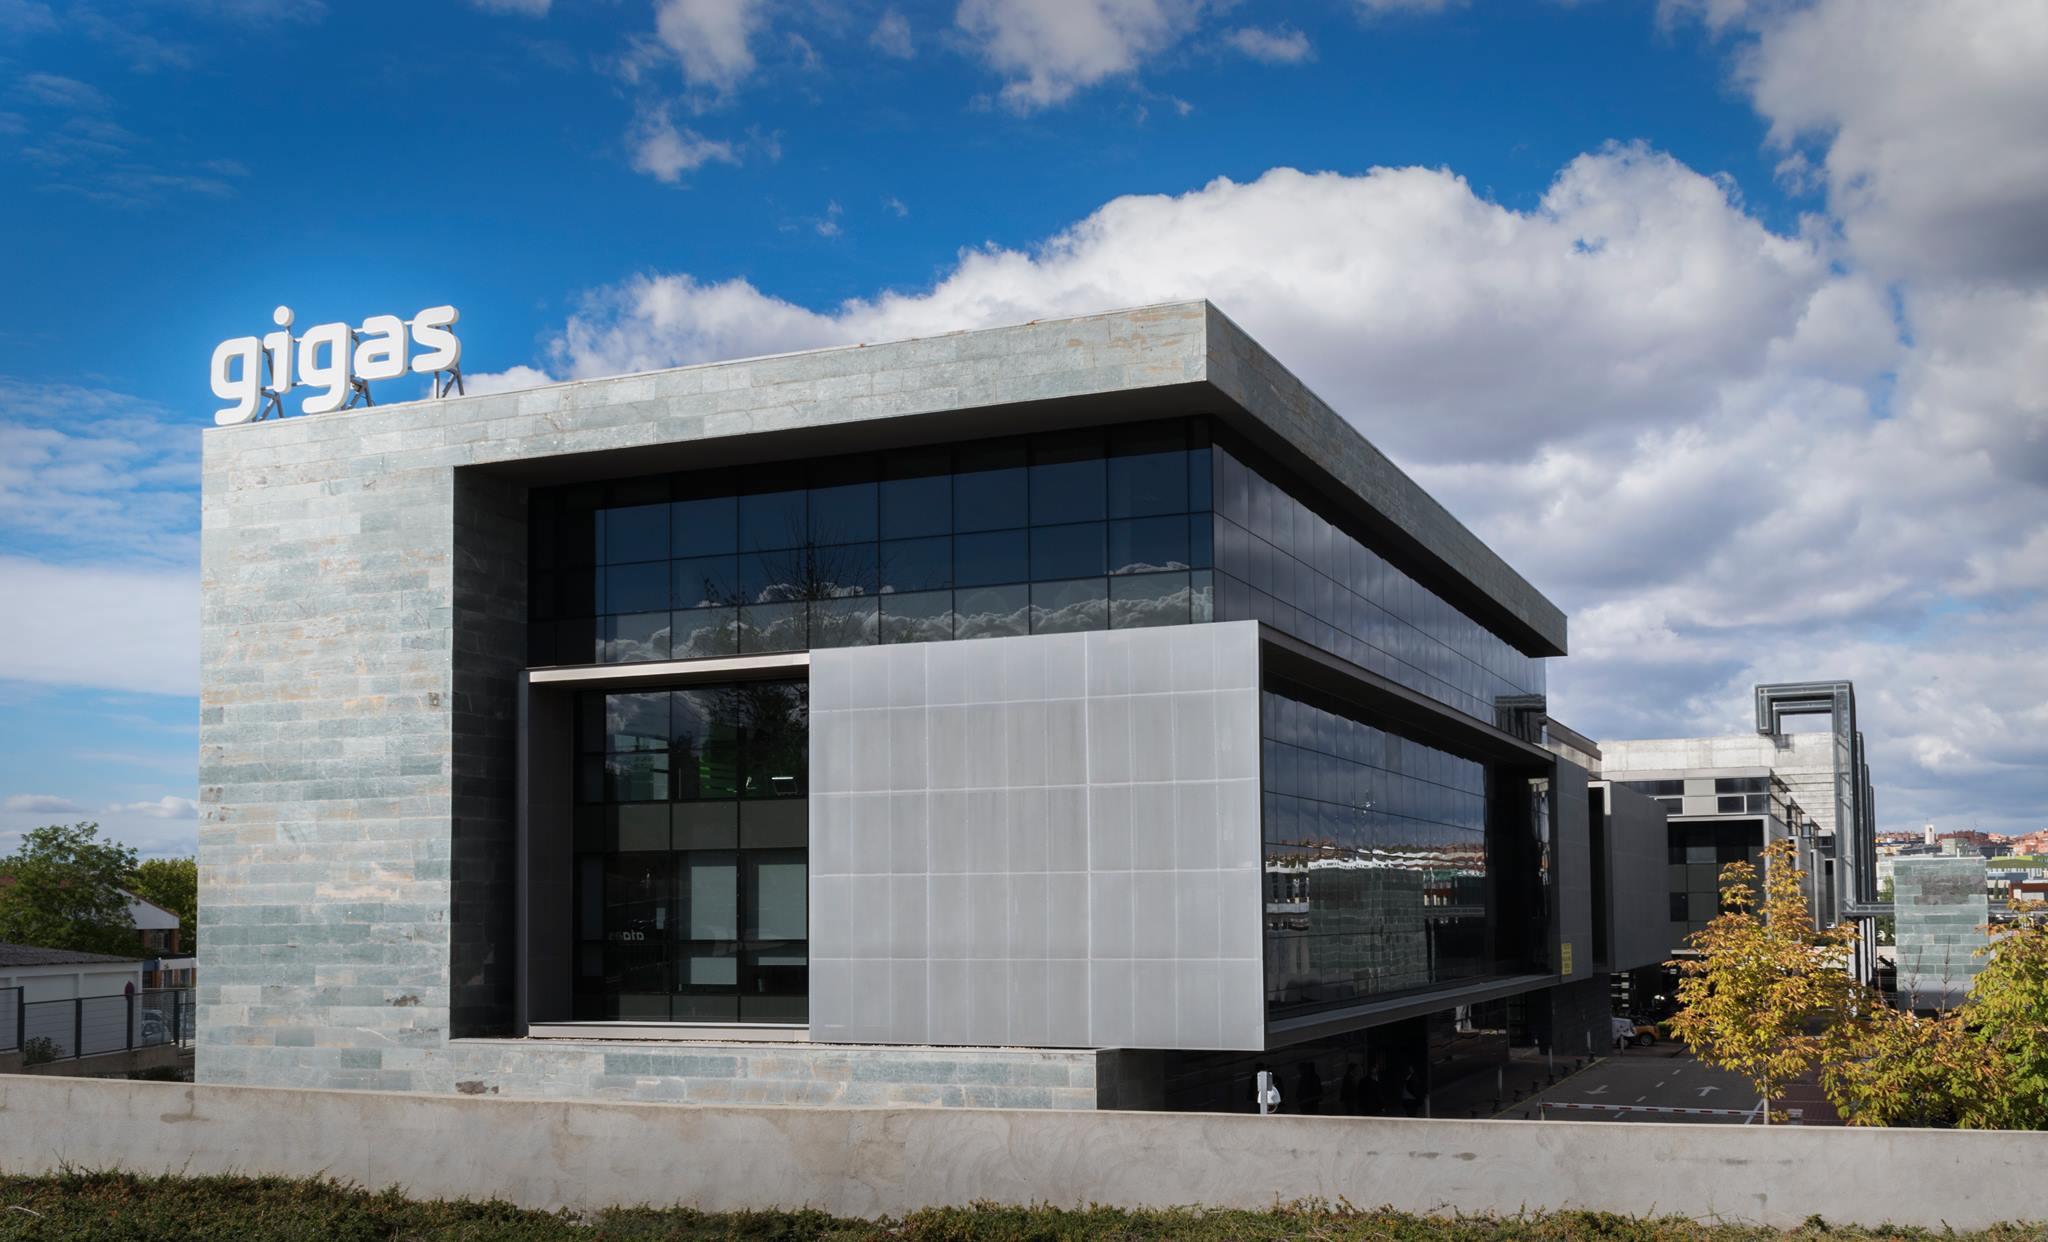 Gigas adquiere ONI, operador líder de telecomunicaciones para empresas en Portugal, por 40M€